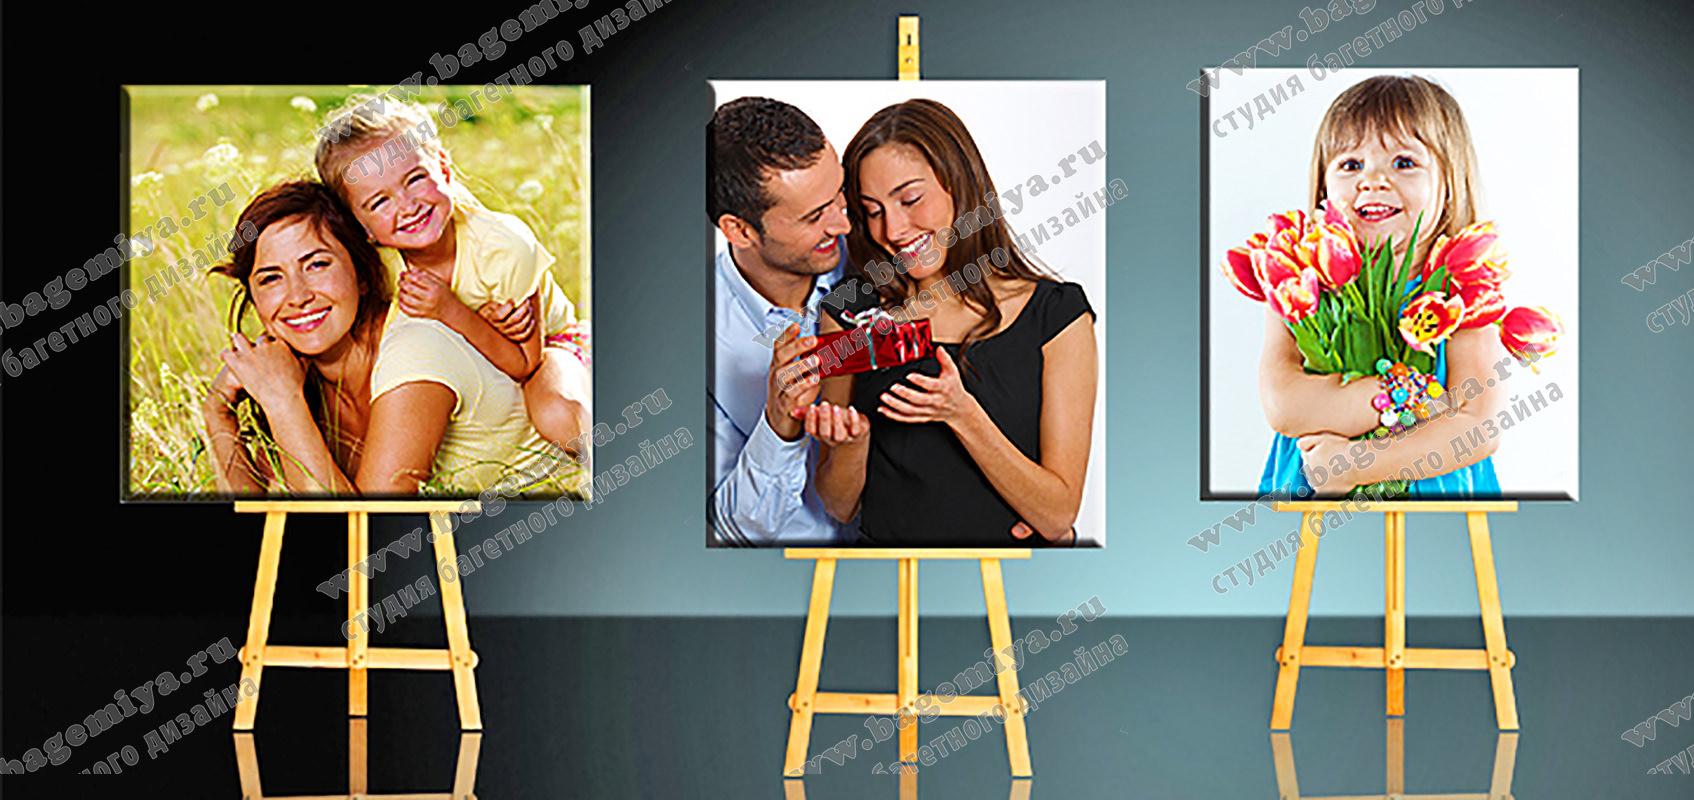 скважин подарок фотография в виде картины для хомяков